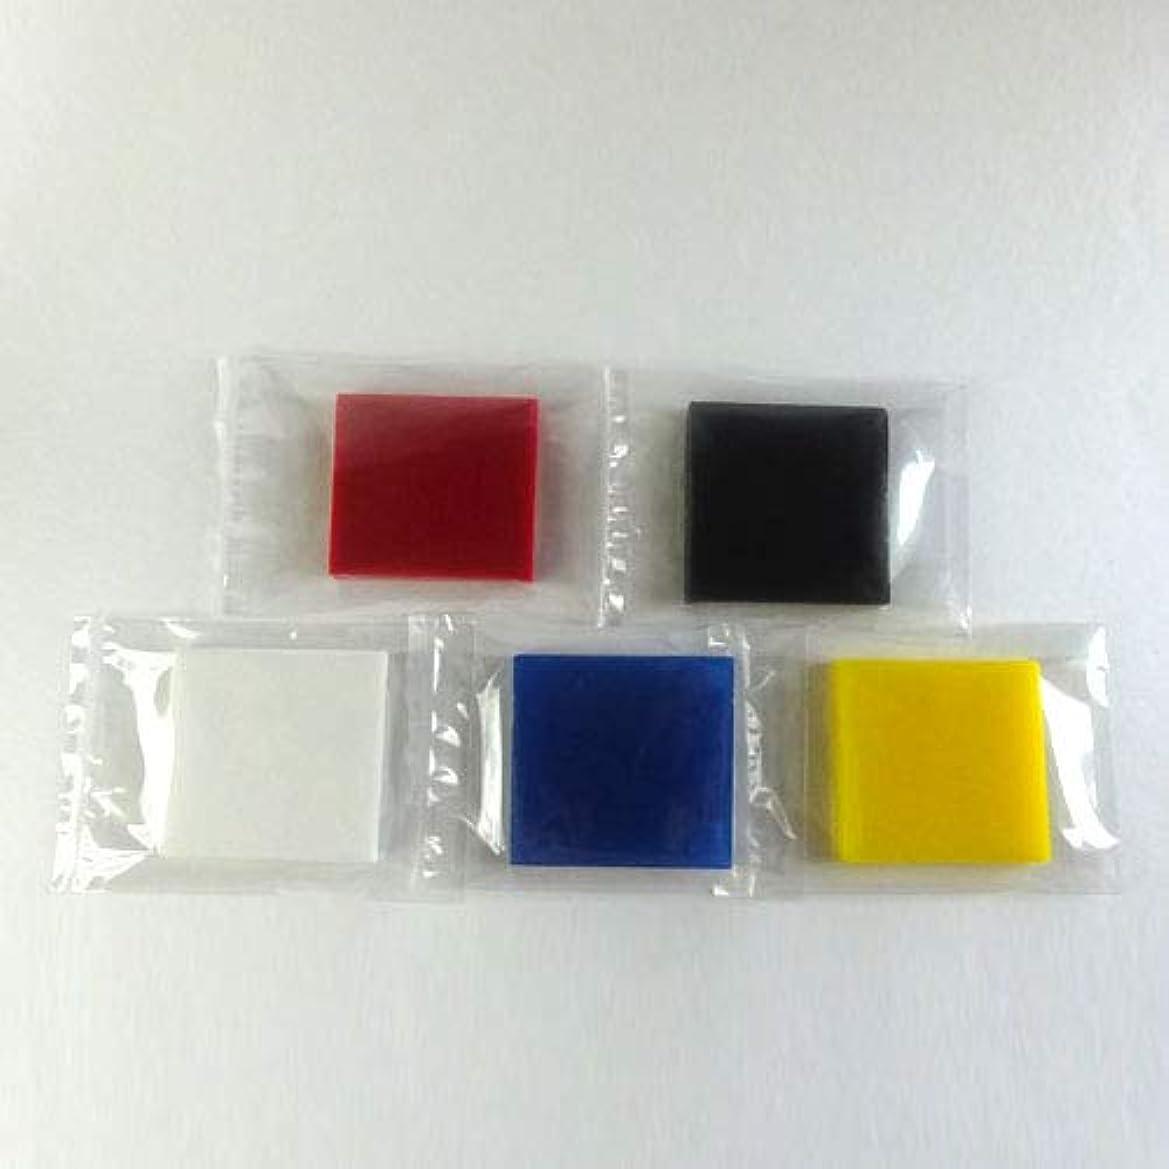 リアルランプ主権者グリセリンソープ MPソープ 色チップ 5色(赤?青?黄?白?黒) 各30g